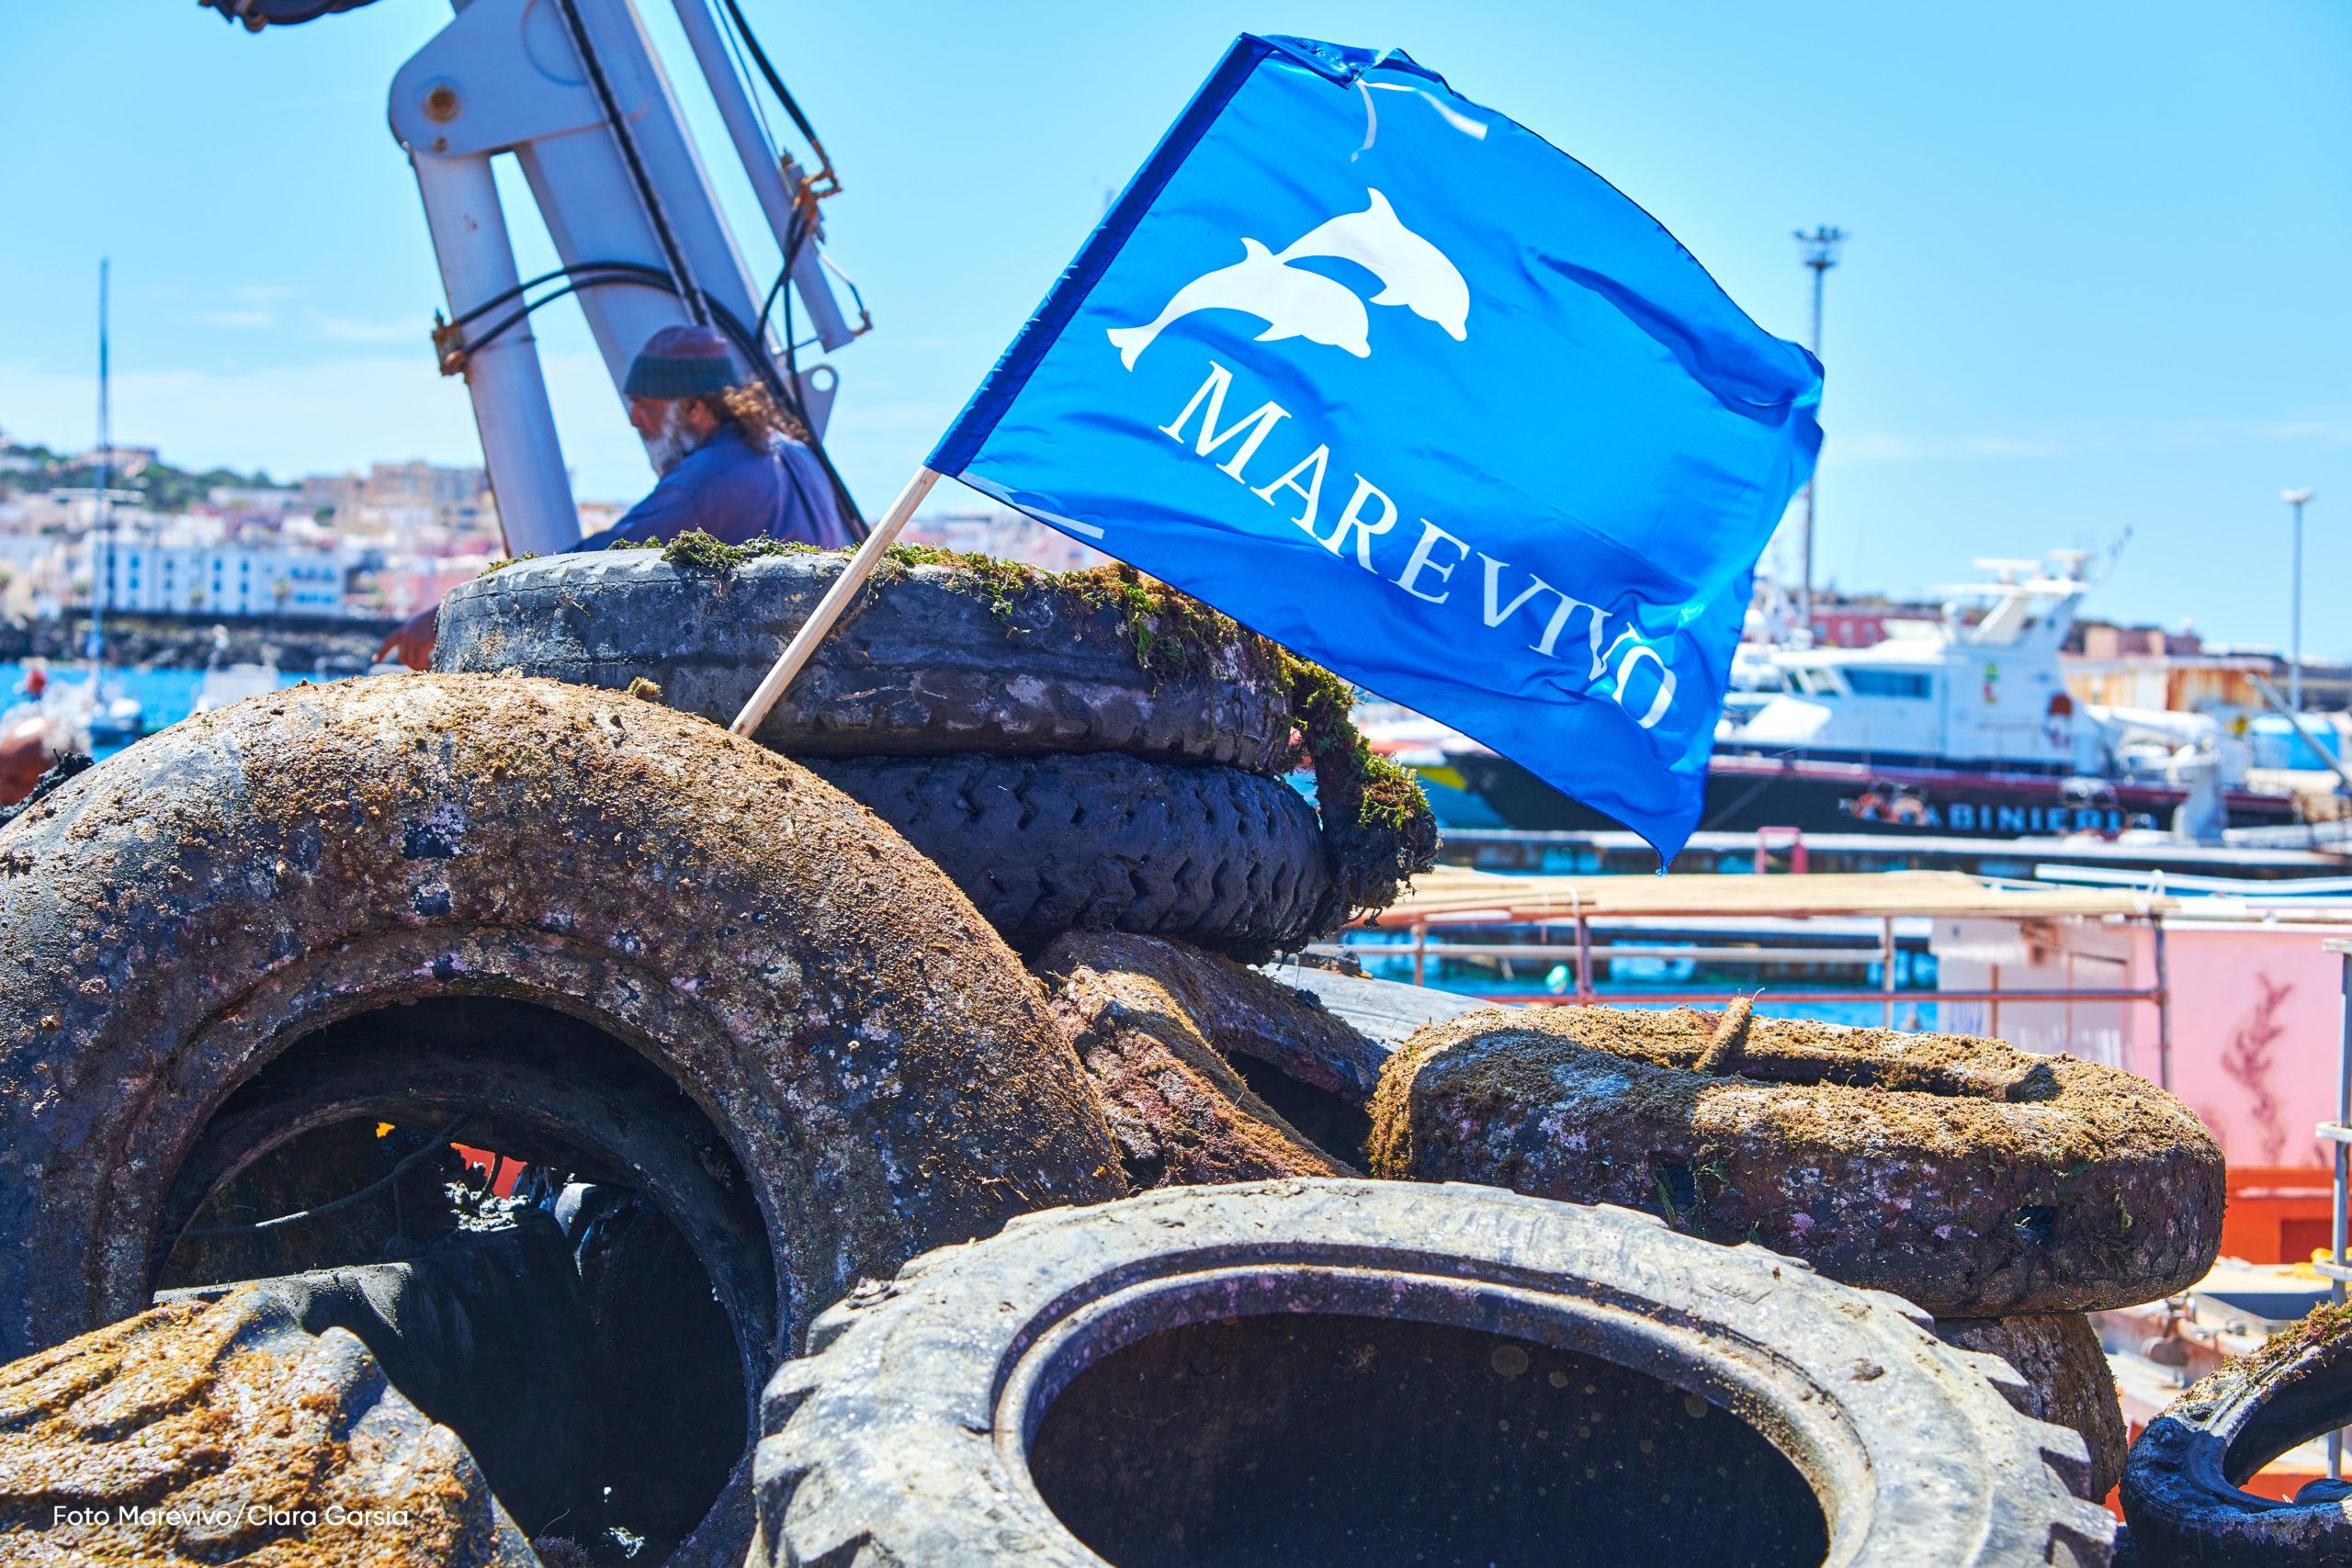 Torna PFU Zero: a Pantelleria recuperate 14 tonnellate di pneumatici dall'ambiente